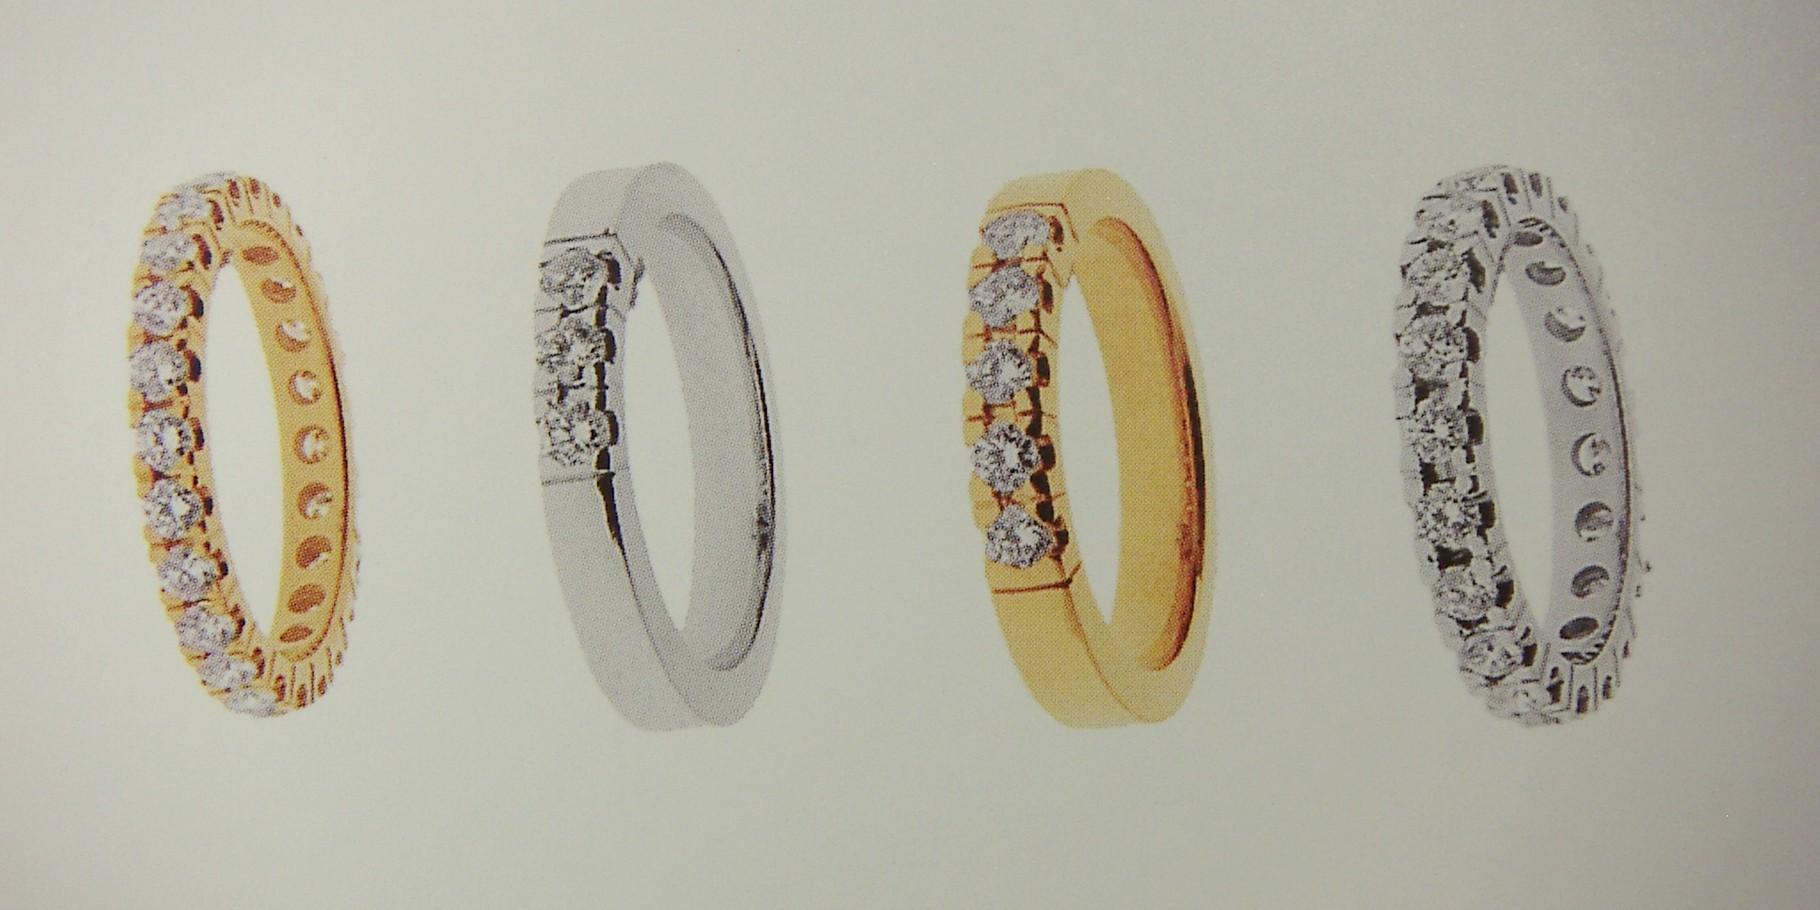 Ring, Gelb- und Weissgold 750, mit Châton-Fassung